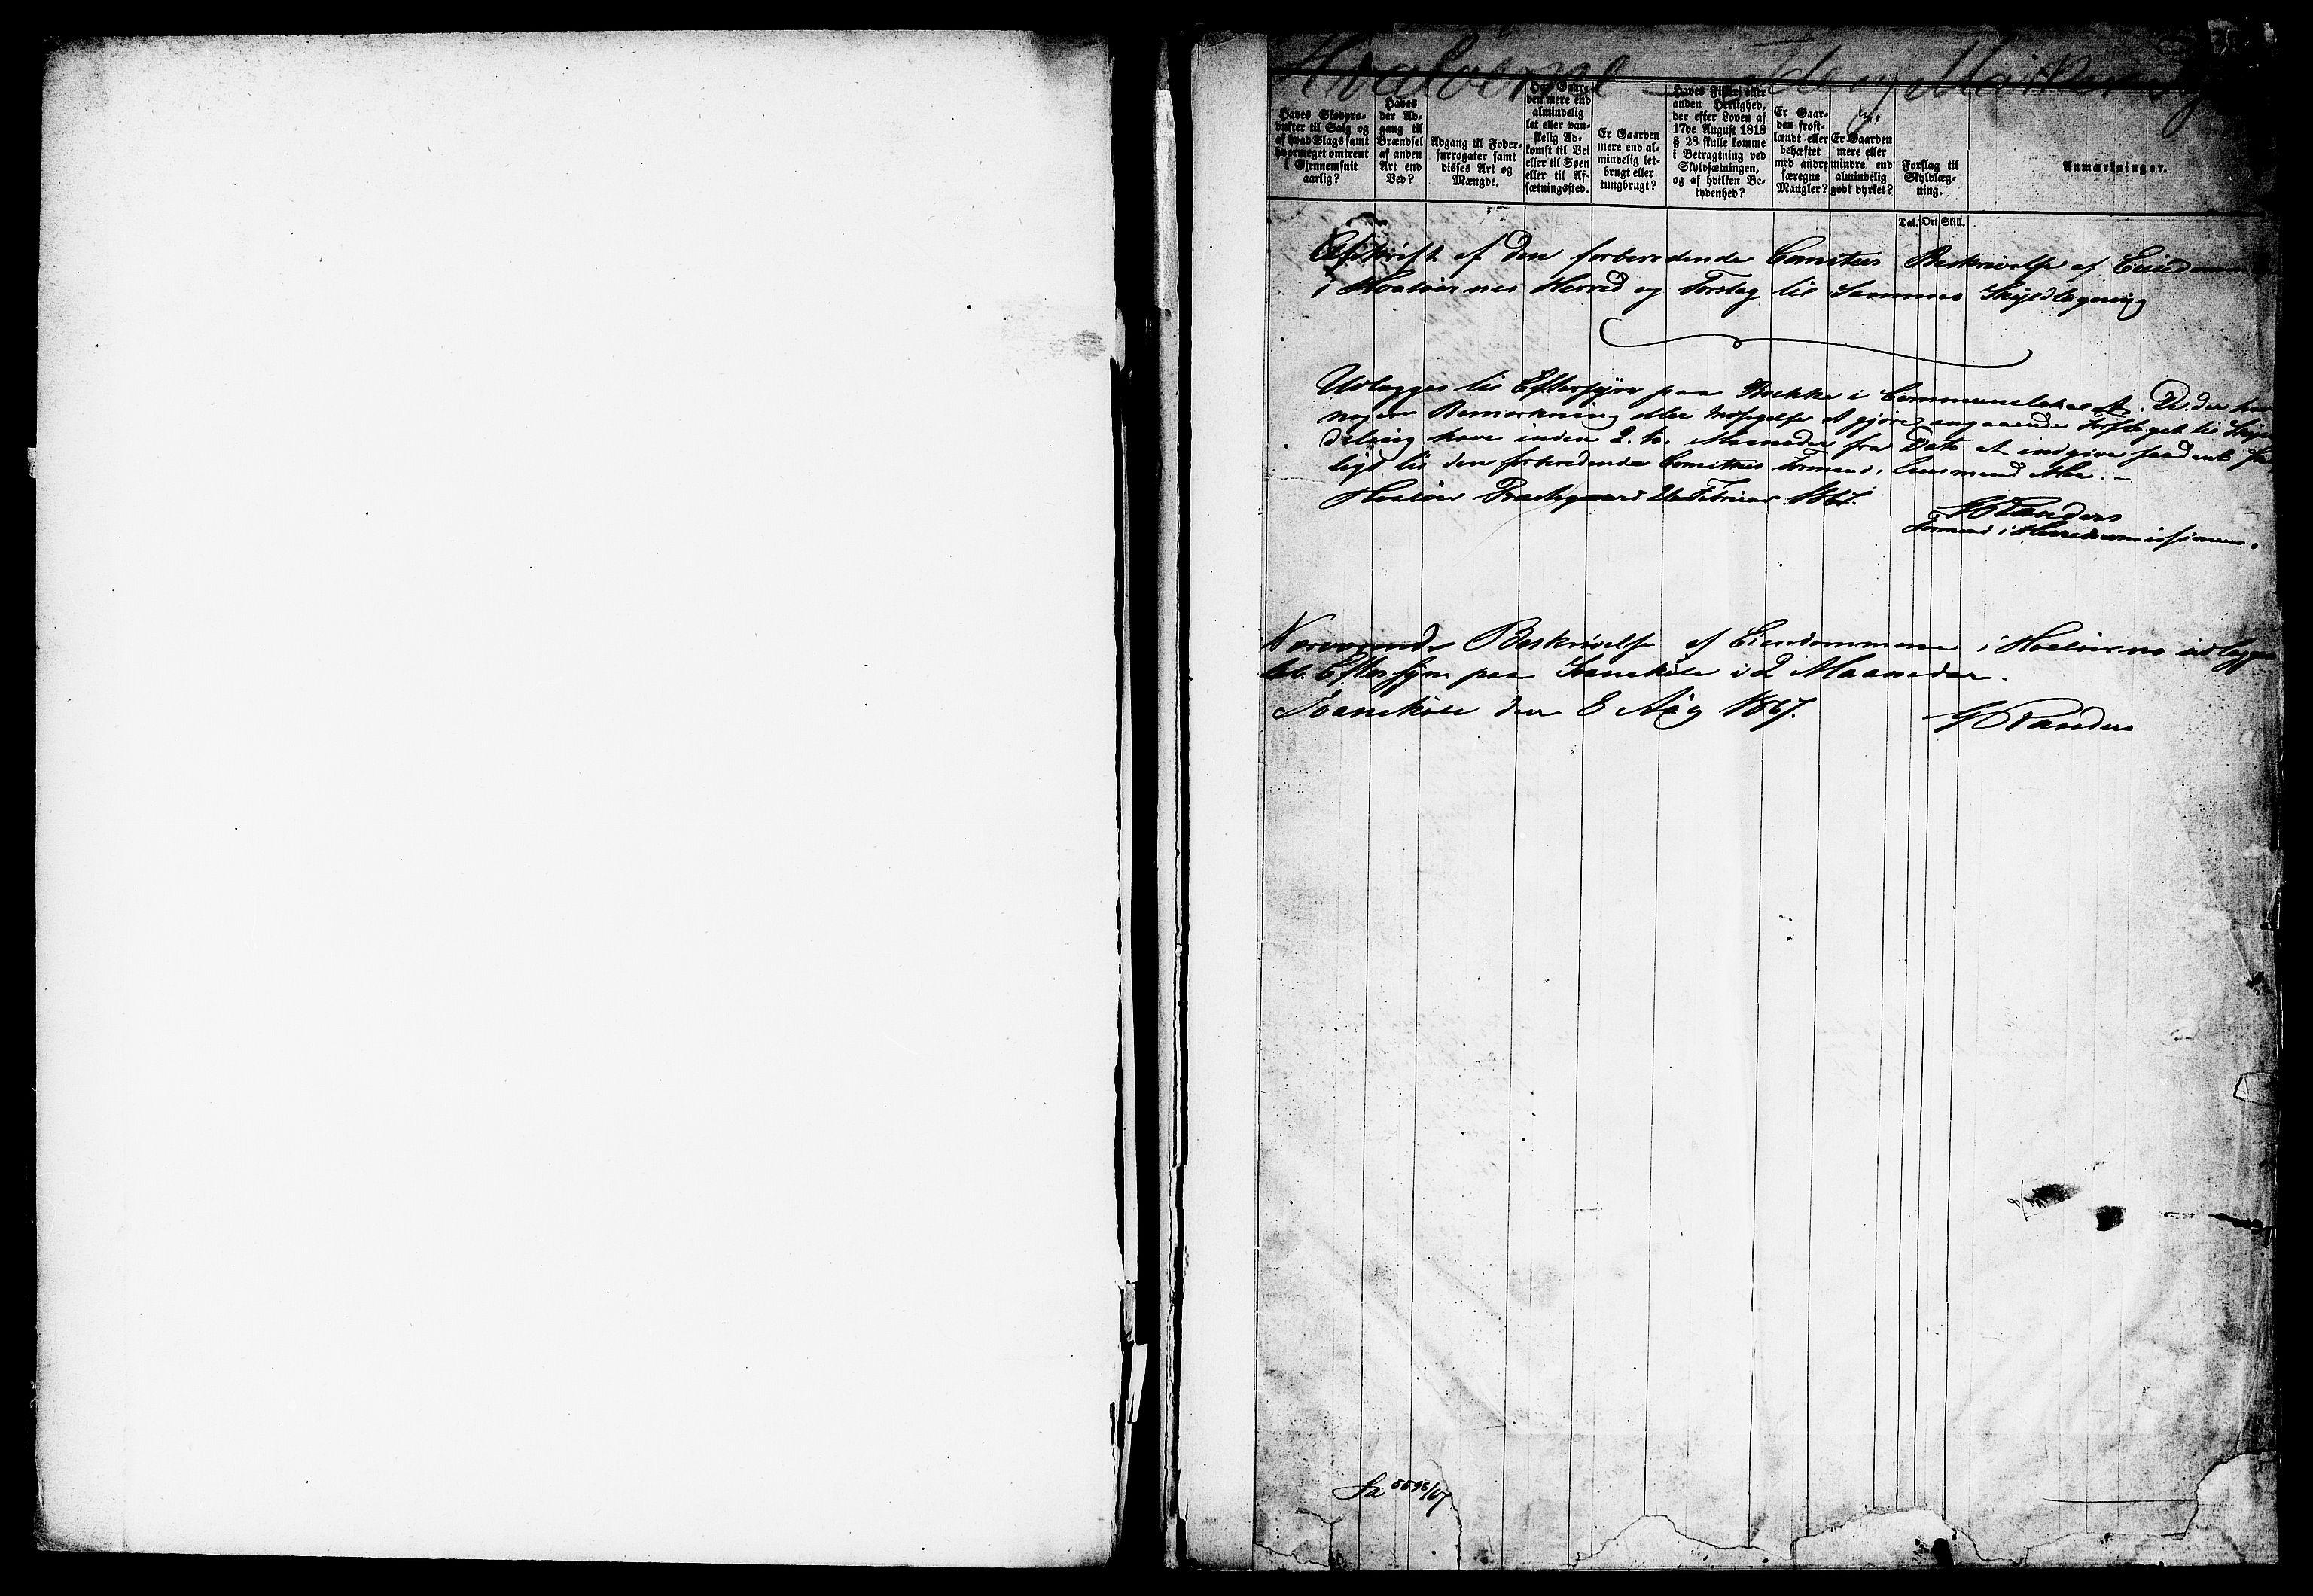 RA, Matrikkelrevisjonen av 1863, F/Fe/L0012: Hvaler, 1863